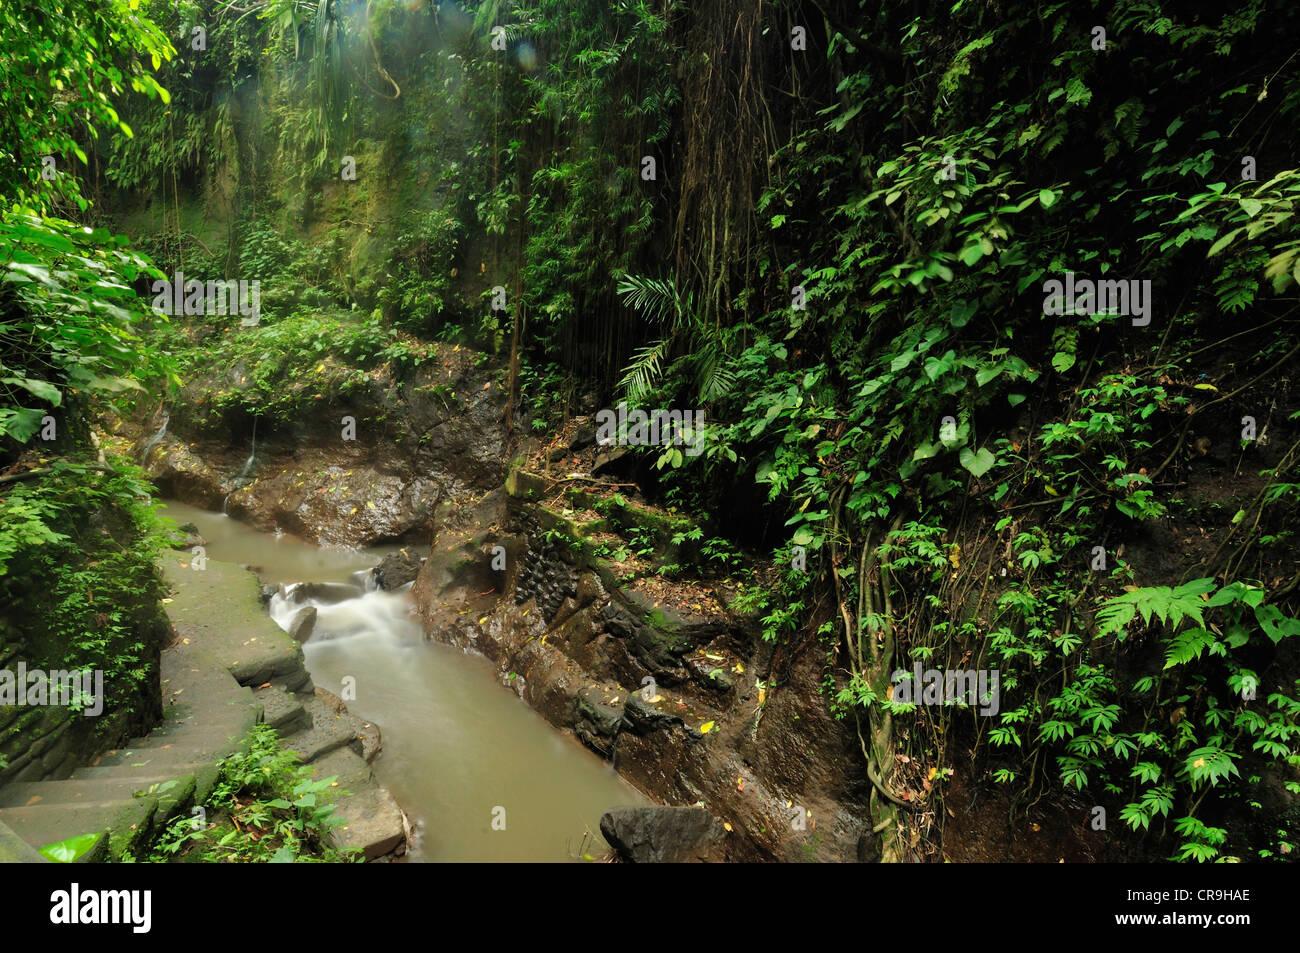 Ubud Monkey forest, Ubud, Bali, Indonesia, Asia - Stock Image